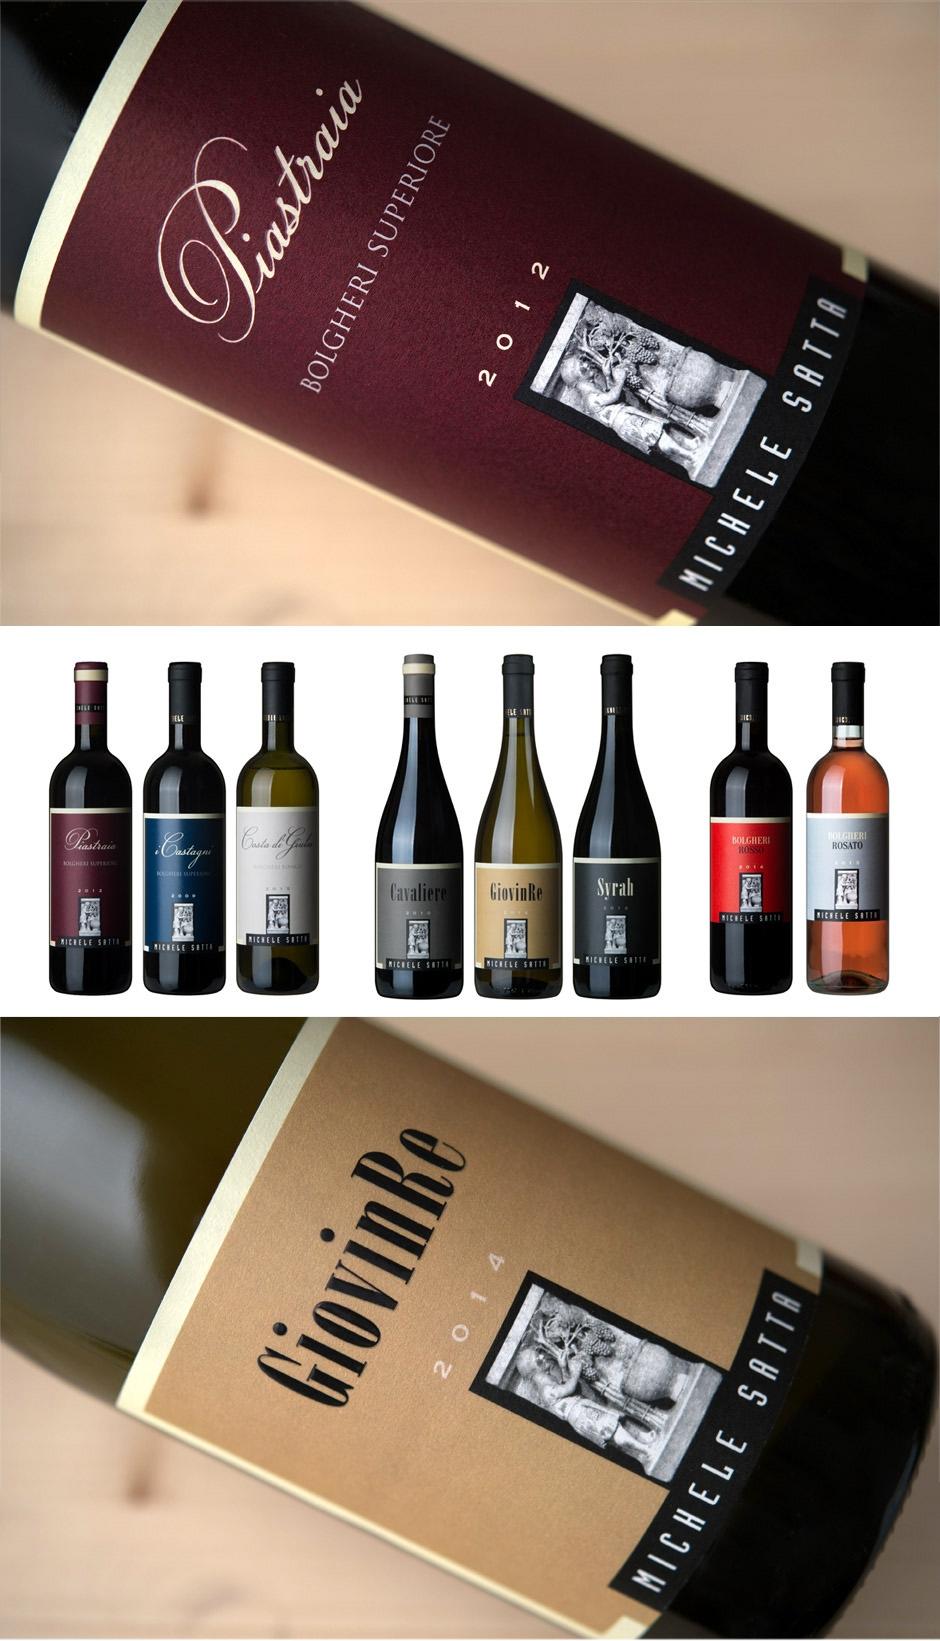 Artevinostudio Etichette E Packaging Per Il Vino